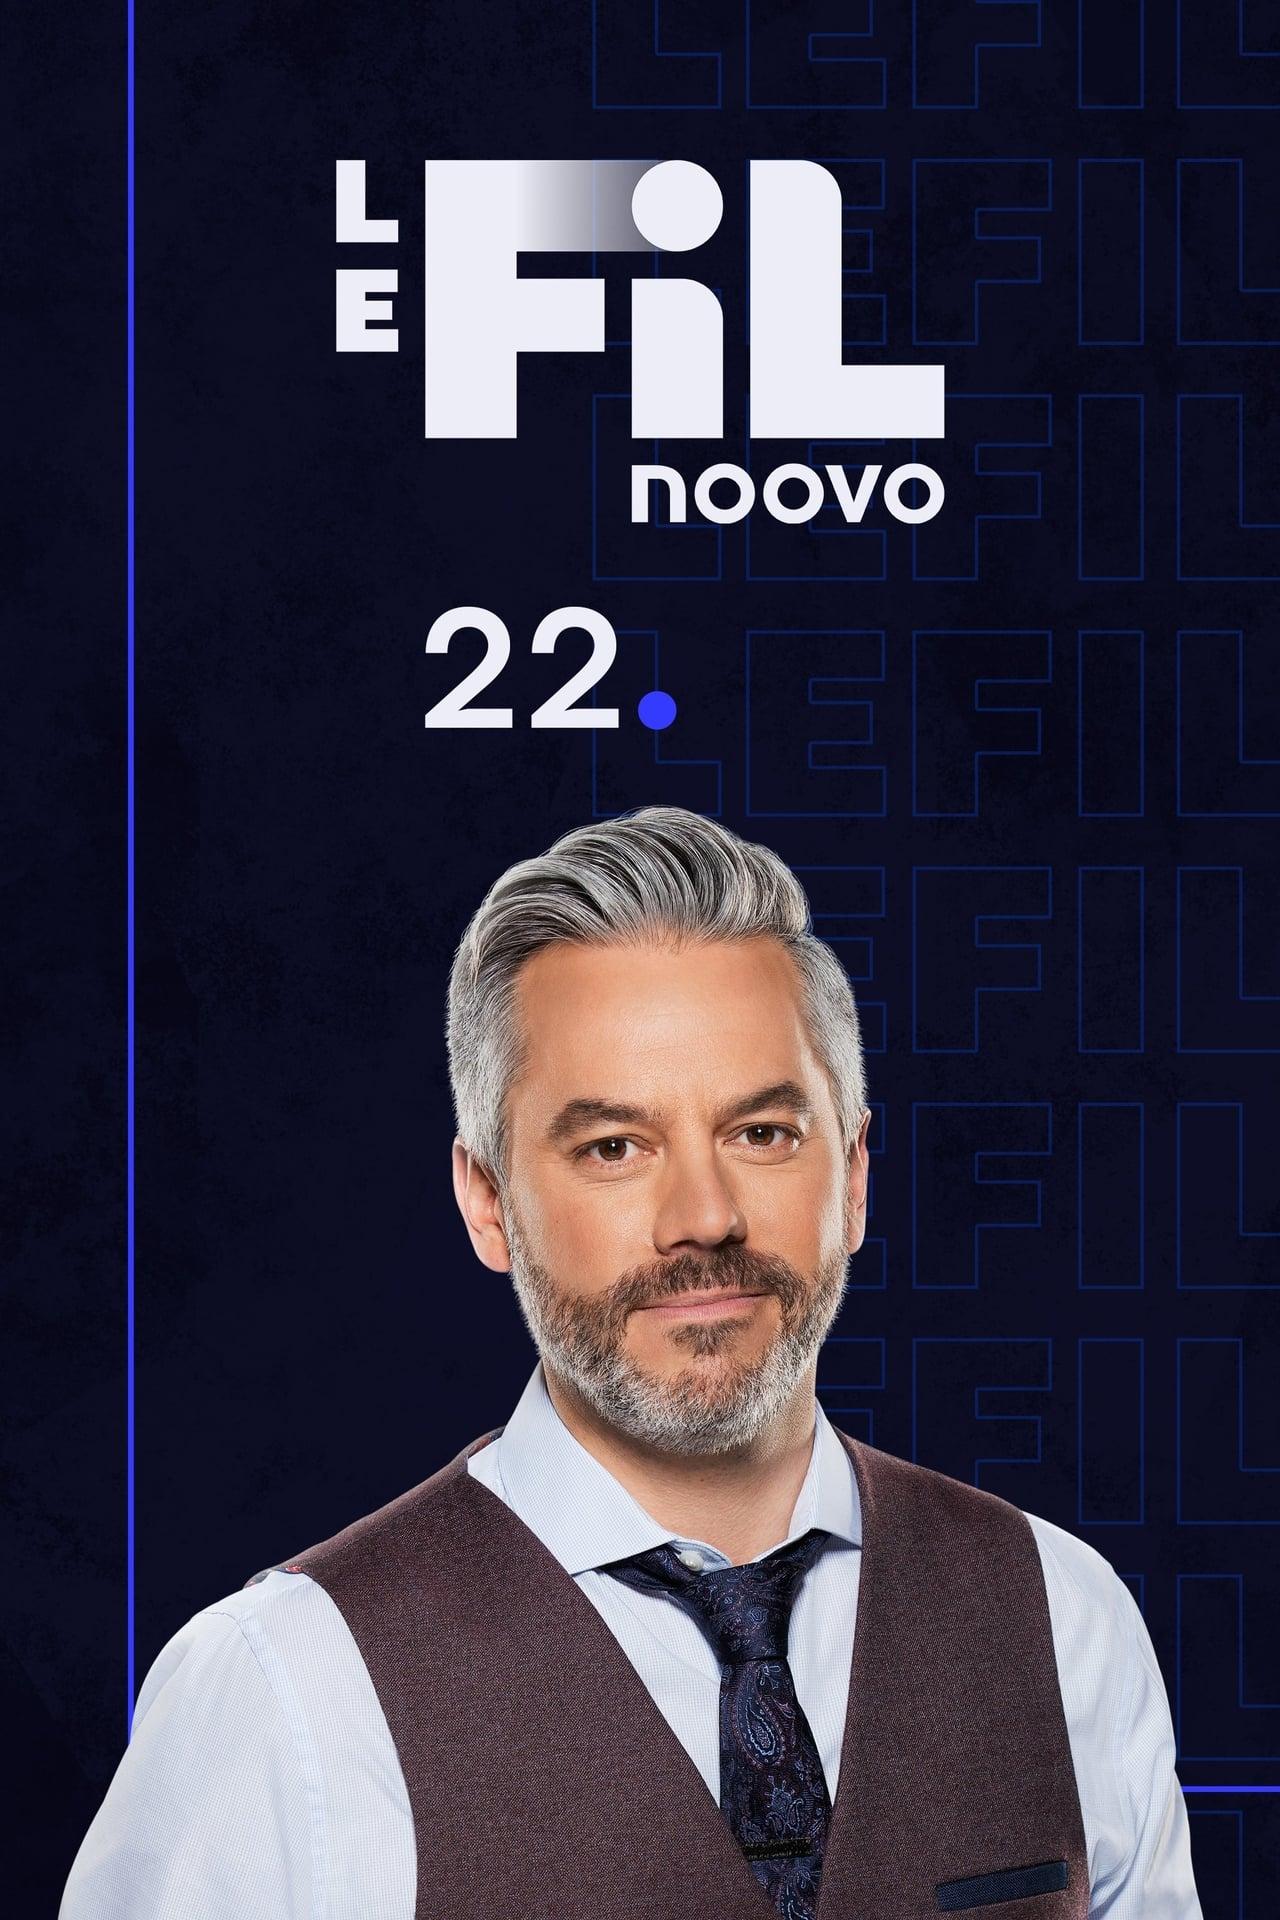 Noovo Le Fil 22